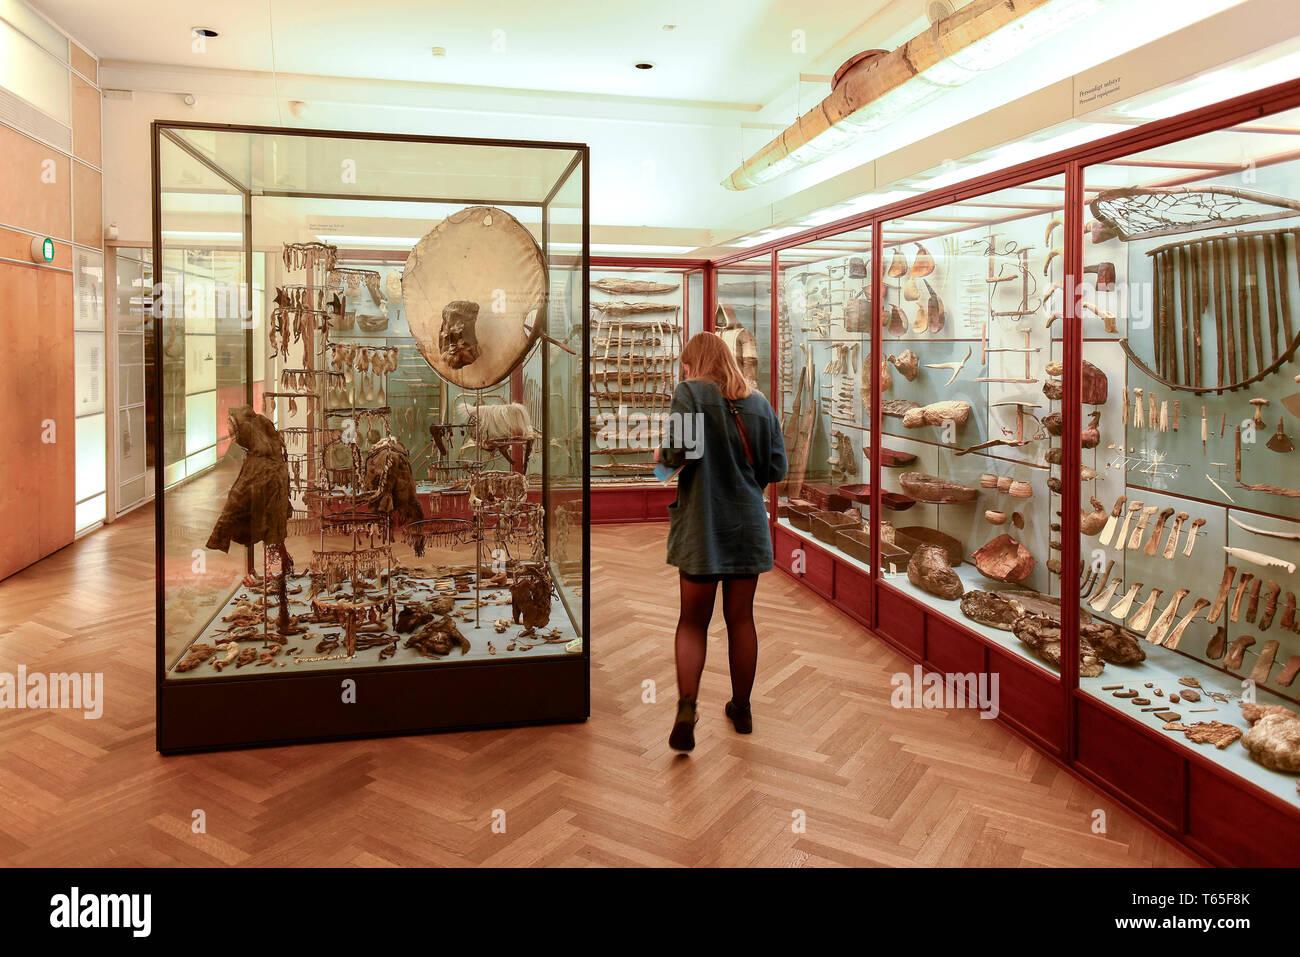 Le Musée National du Danemark à Copenhague est plus grand musée d'histoire culturelle, comprenant l'histoire des cultures danois et étrangers, Copenhage Banque D'Images